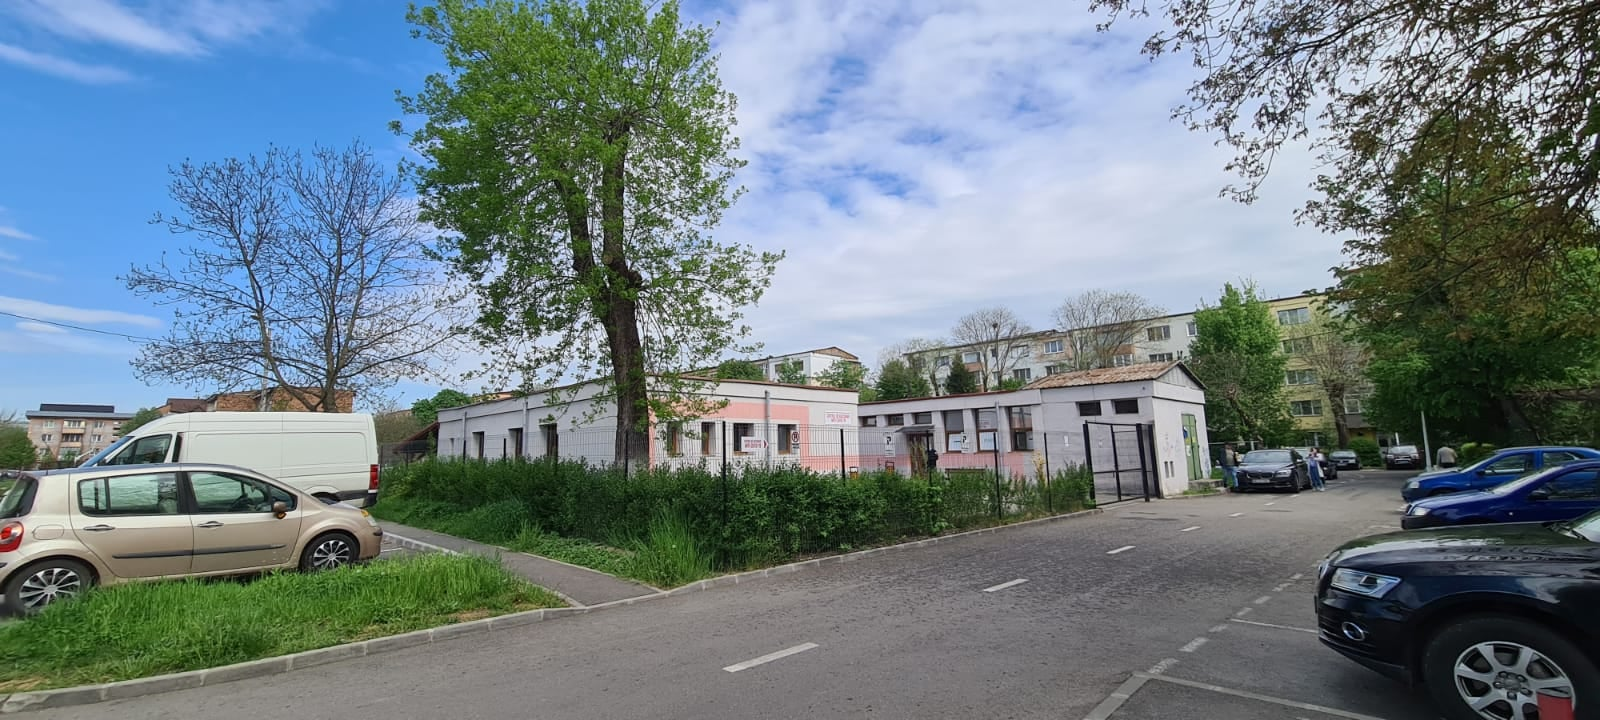 A doua doză de vaccin anti-COVID-19 poate fi administrată la Hunedoara, indiferent unde a fost făcută prima doză